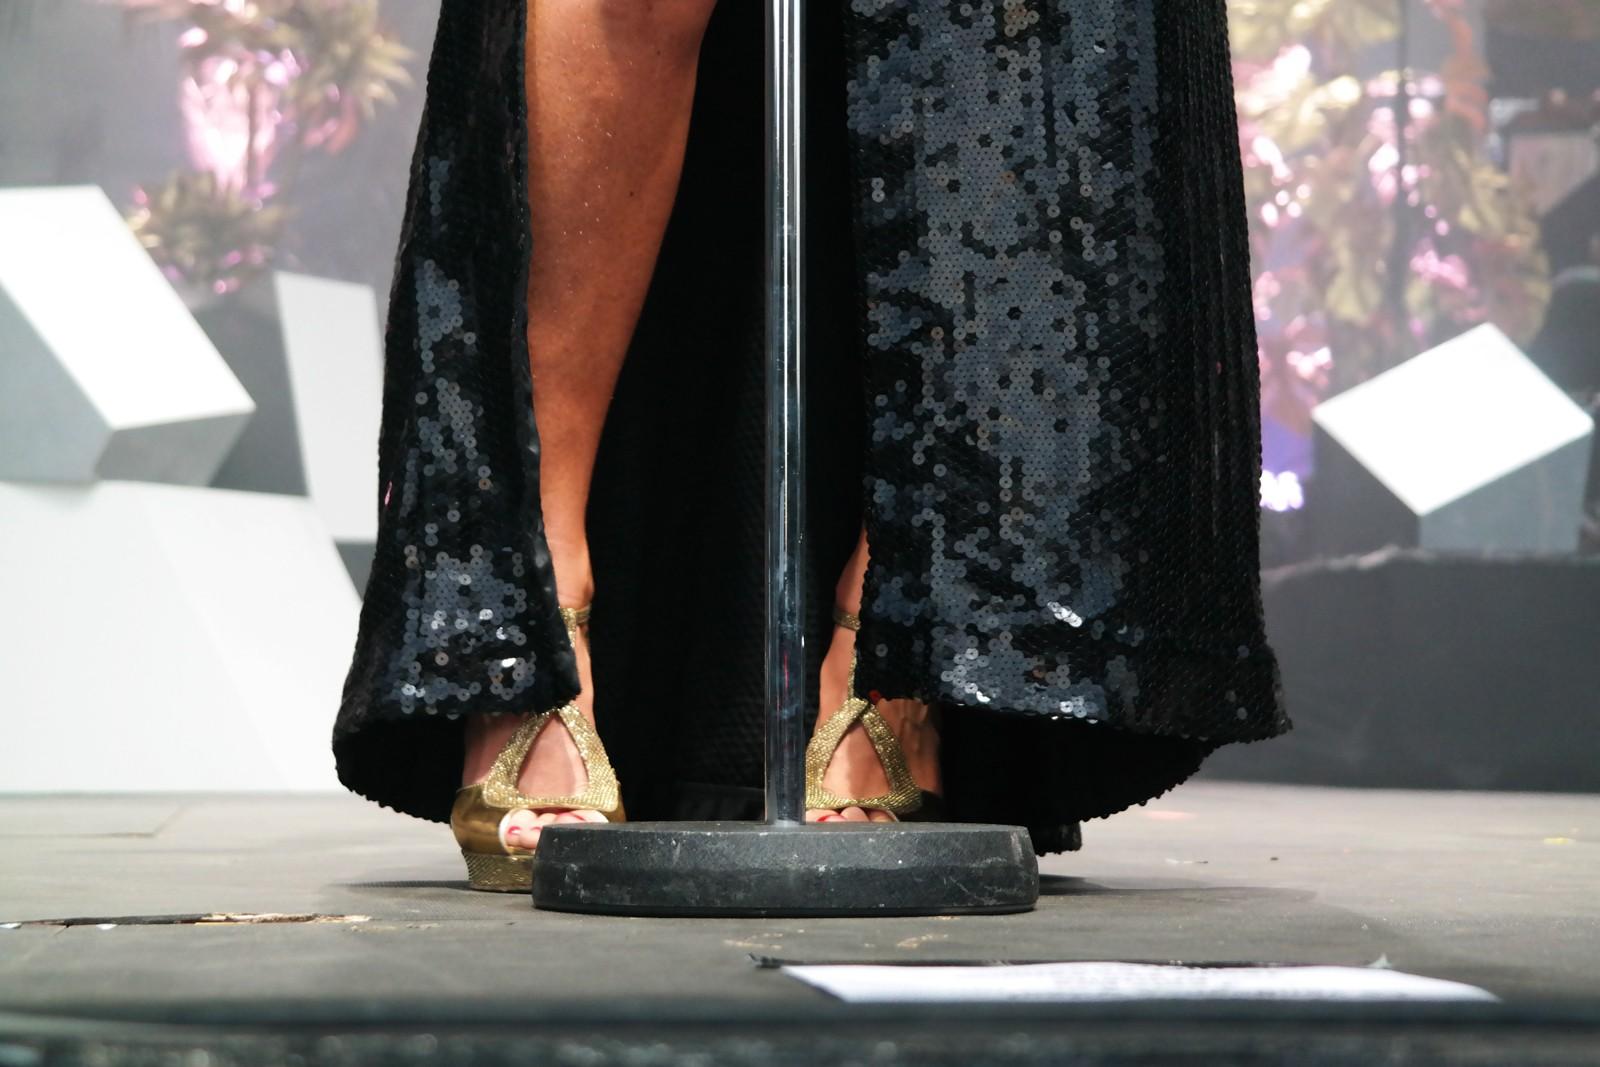 Brigitte-aux-pieds-d-Aurélie-Saada-live-concert-festival-fnaclive-2015-a-bouche-que-veux-tu-tour-sexy-glamour-fashion-photo-scène-by-united-states-of-paris-blog